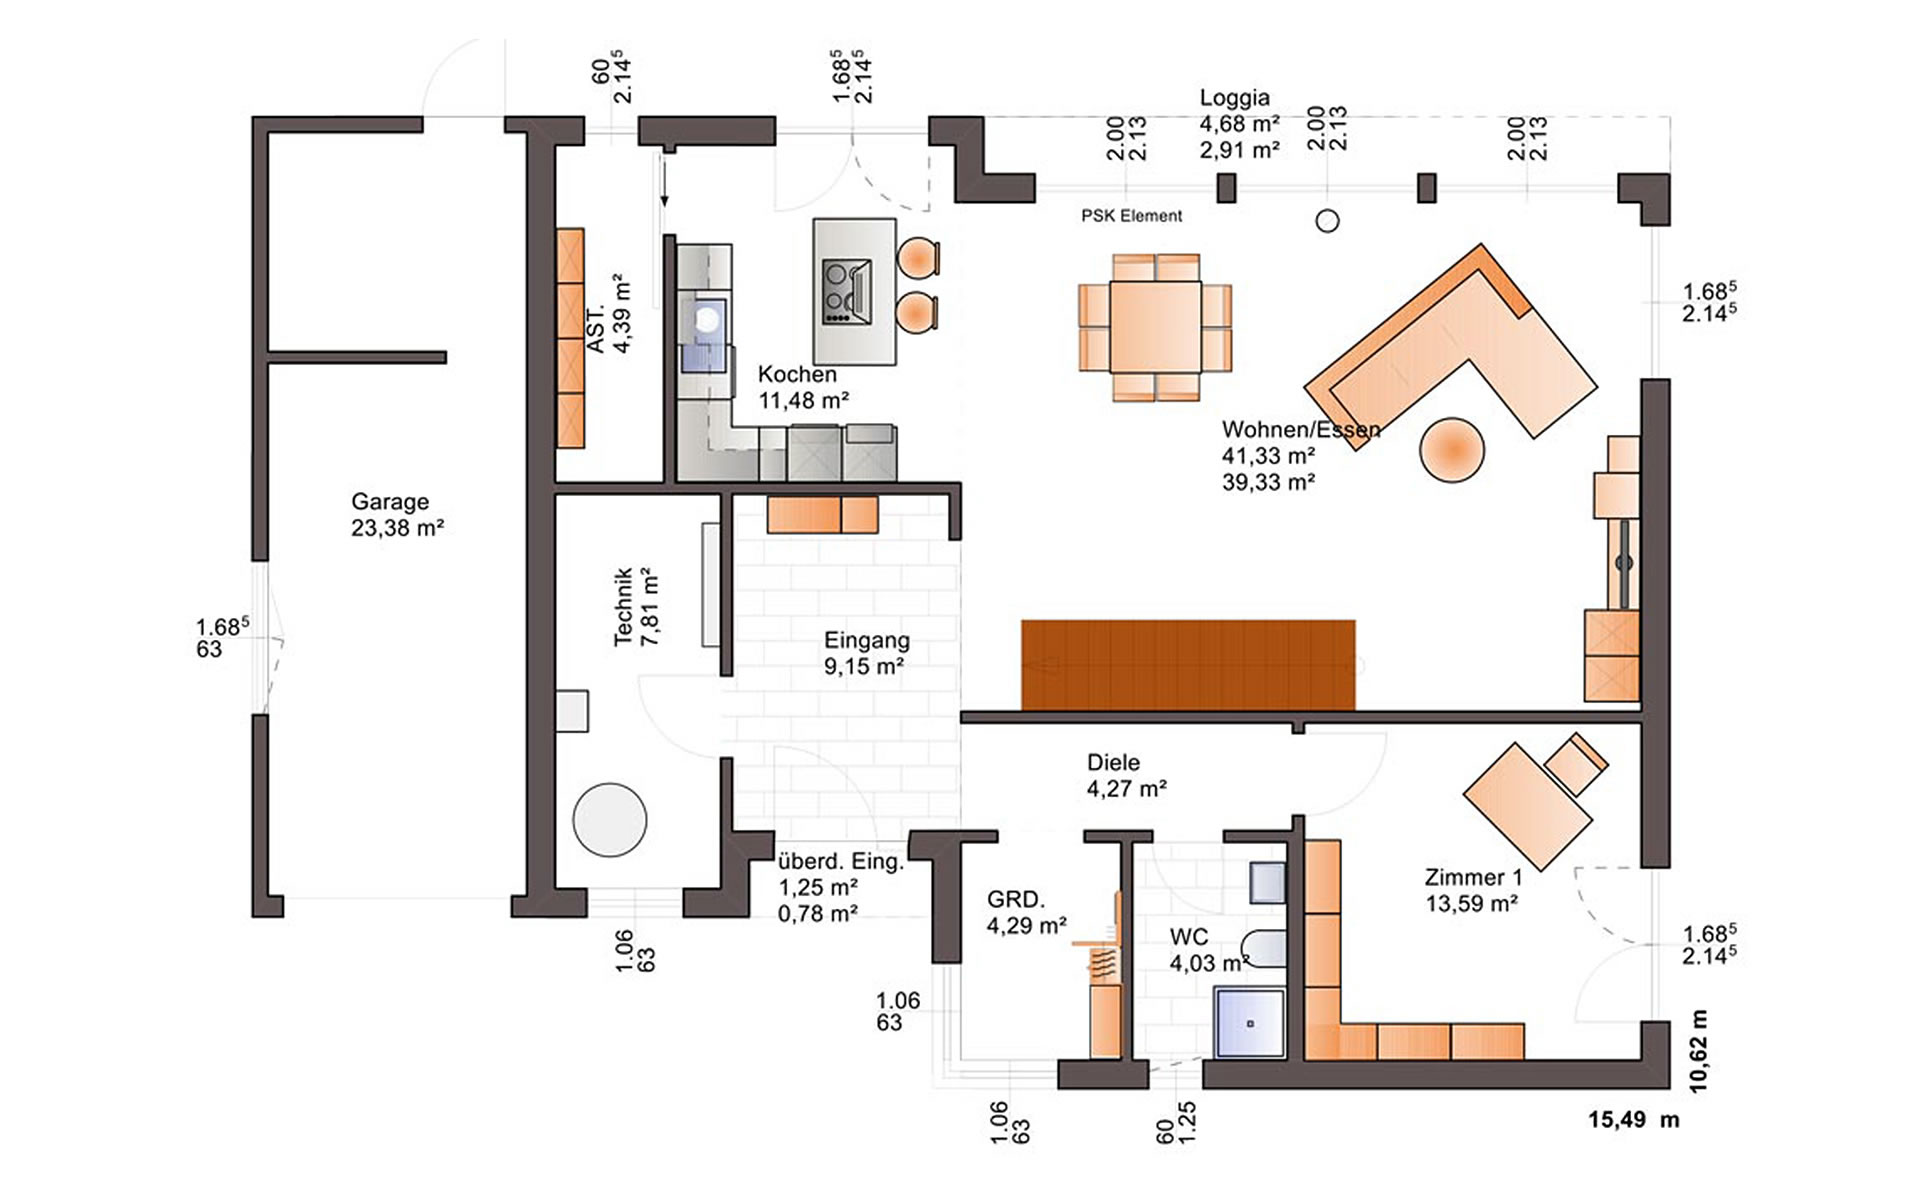 Erdgeschoss Fine Arts 223 von Bärenhaus - das fertige Haus GmbH